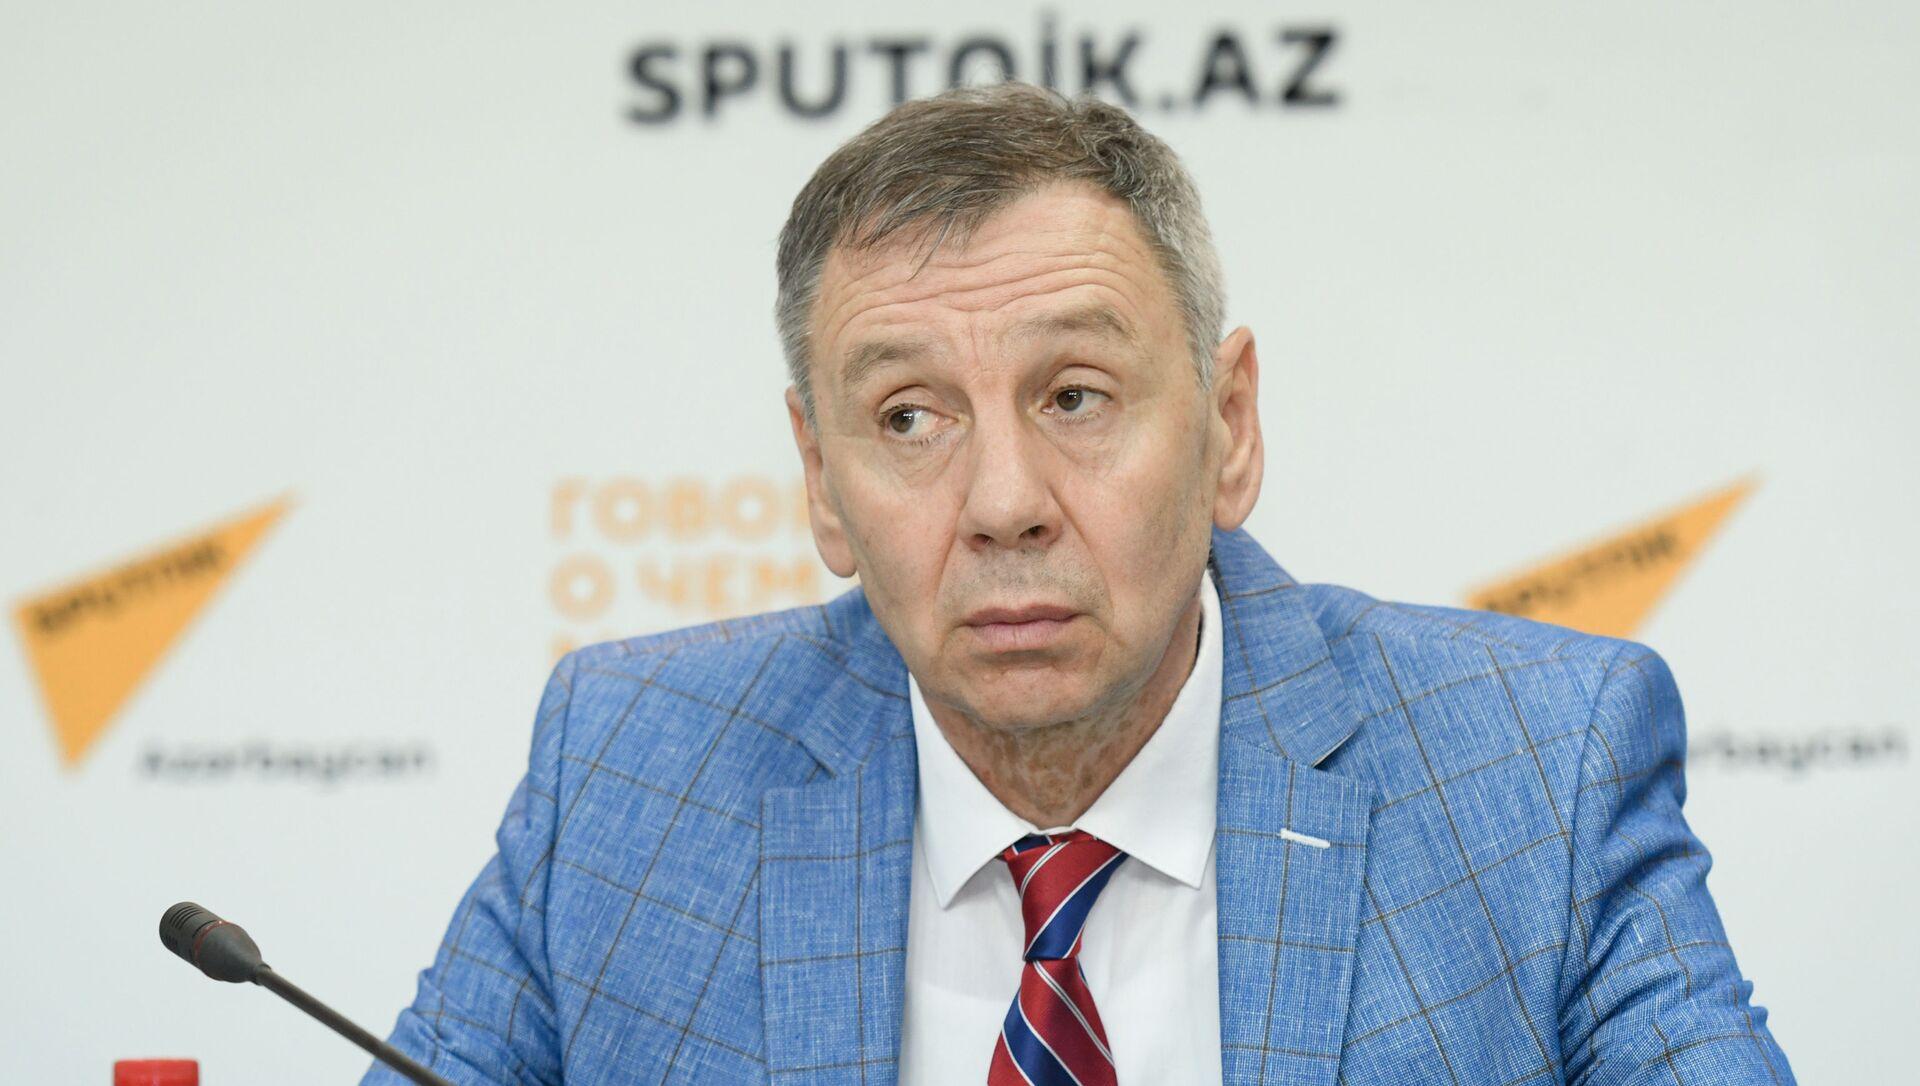 Директор Института политических исследований Сергей Марков  - Sputnik Азербайджан, 1920, 21.06.2021